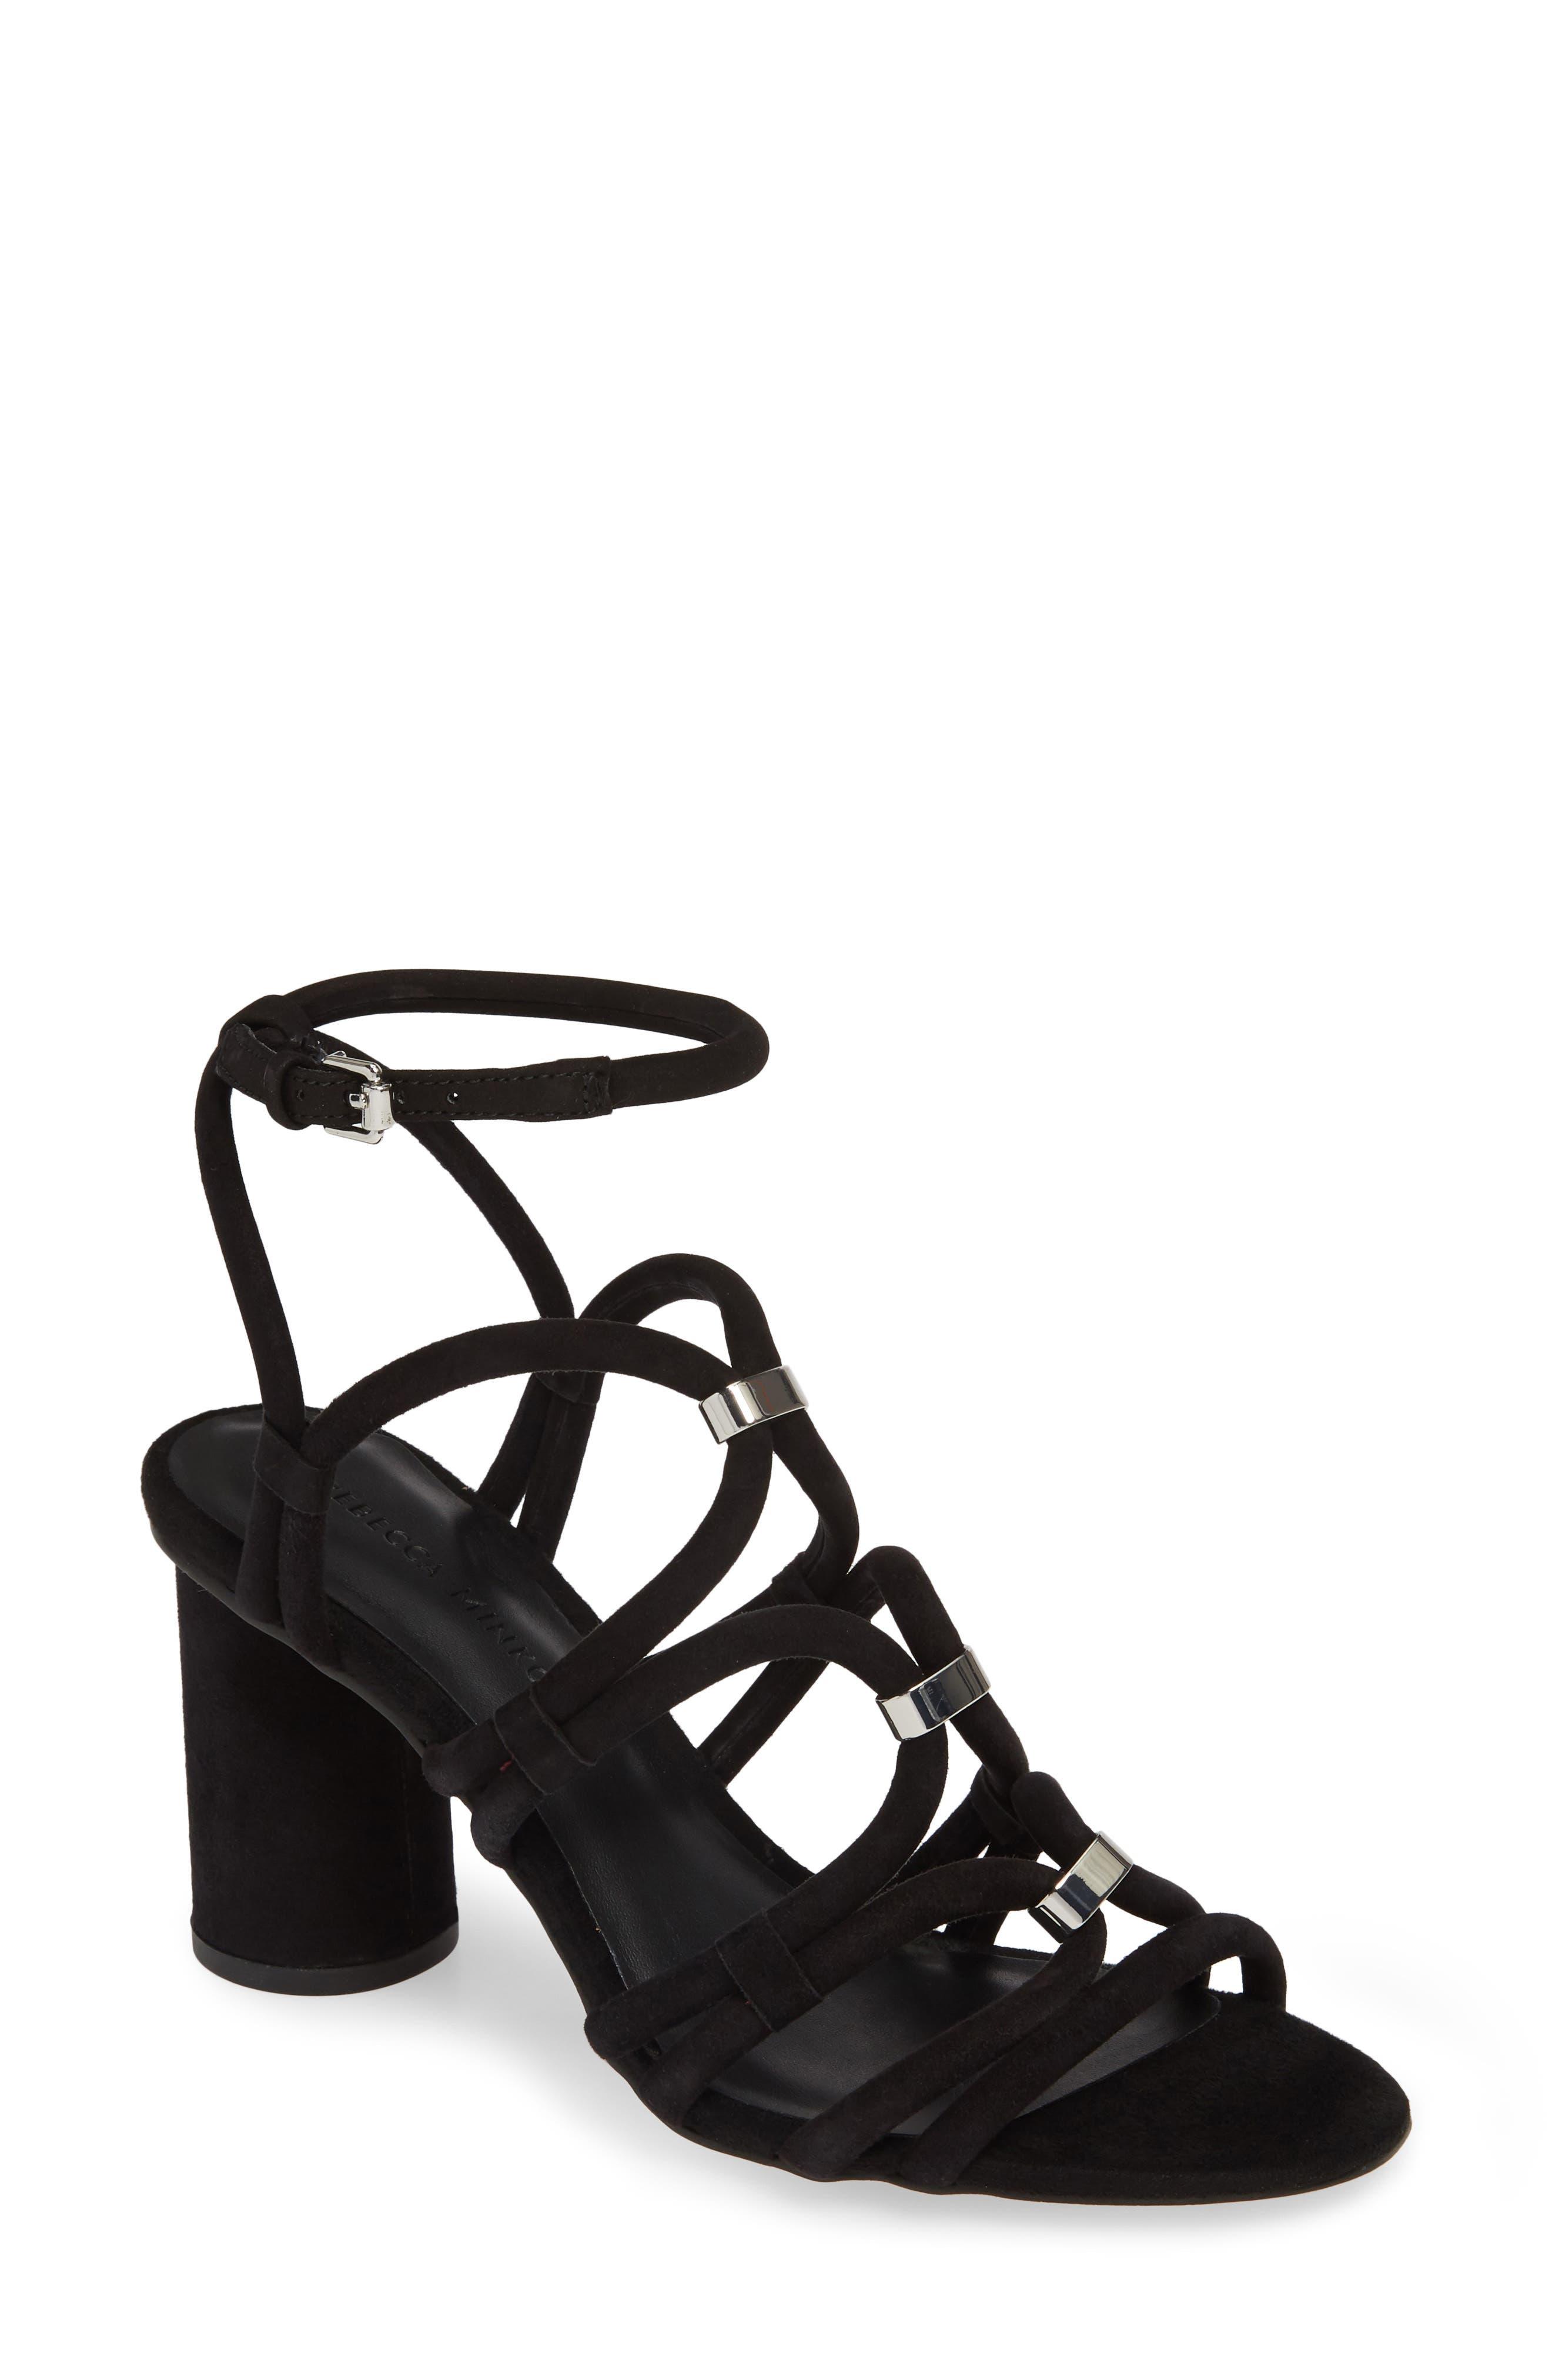 Rebecca Minkoff Apolline Strappy Sandal, Black